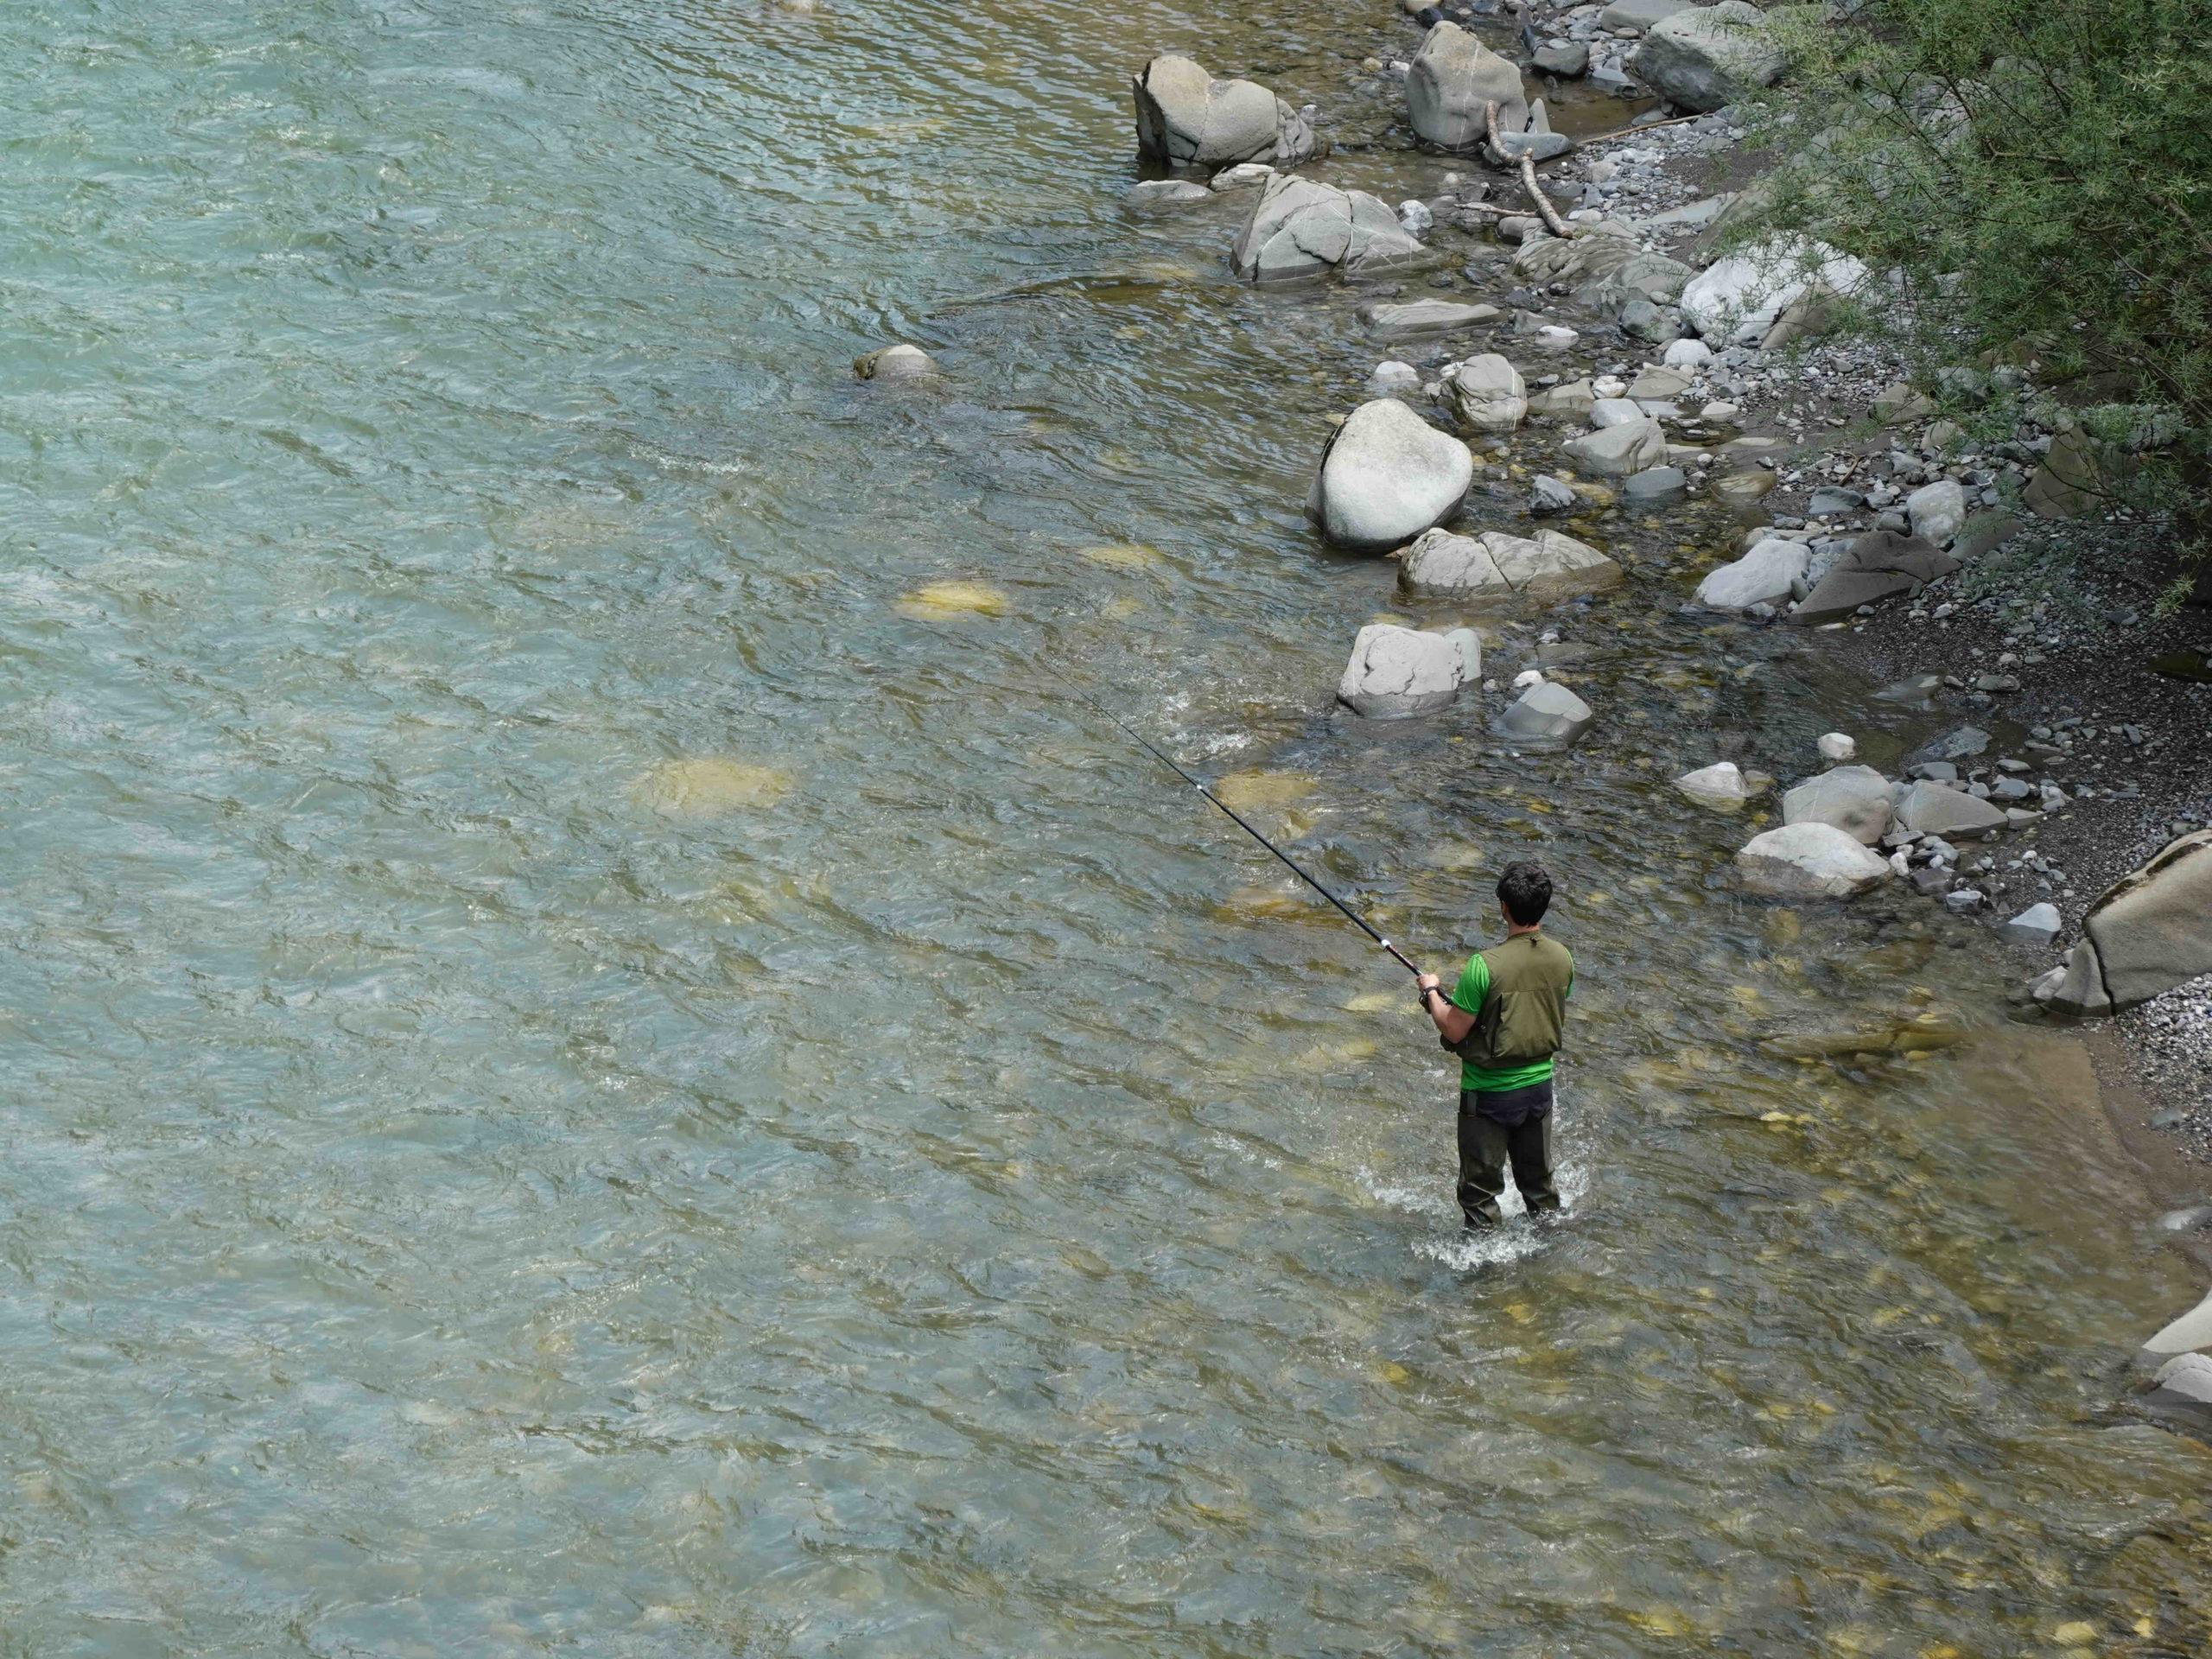 Comment faire une ligne de pêche?